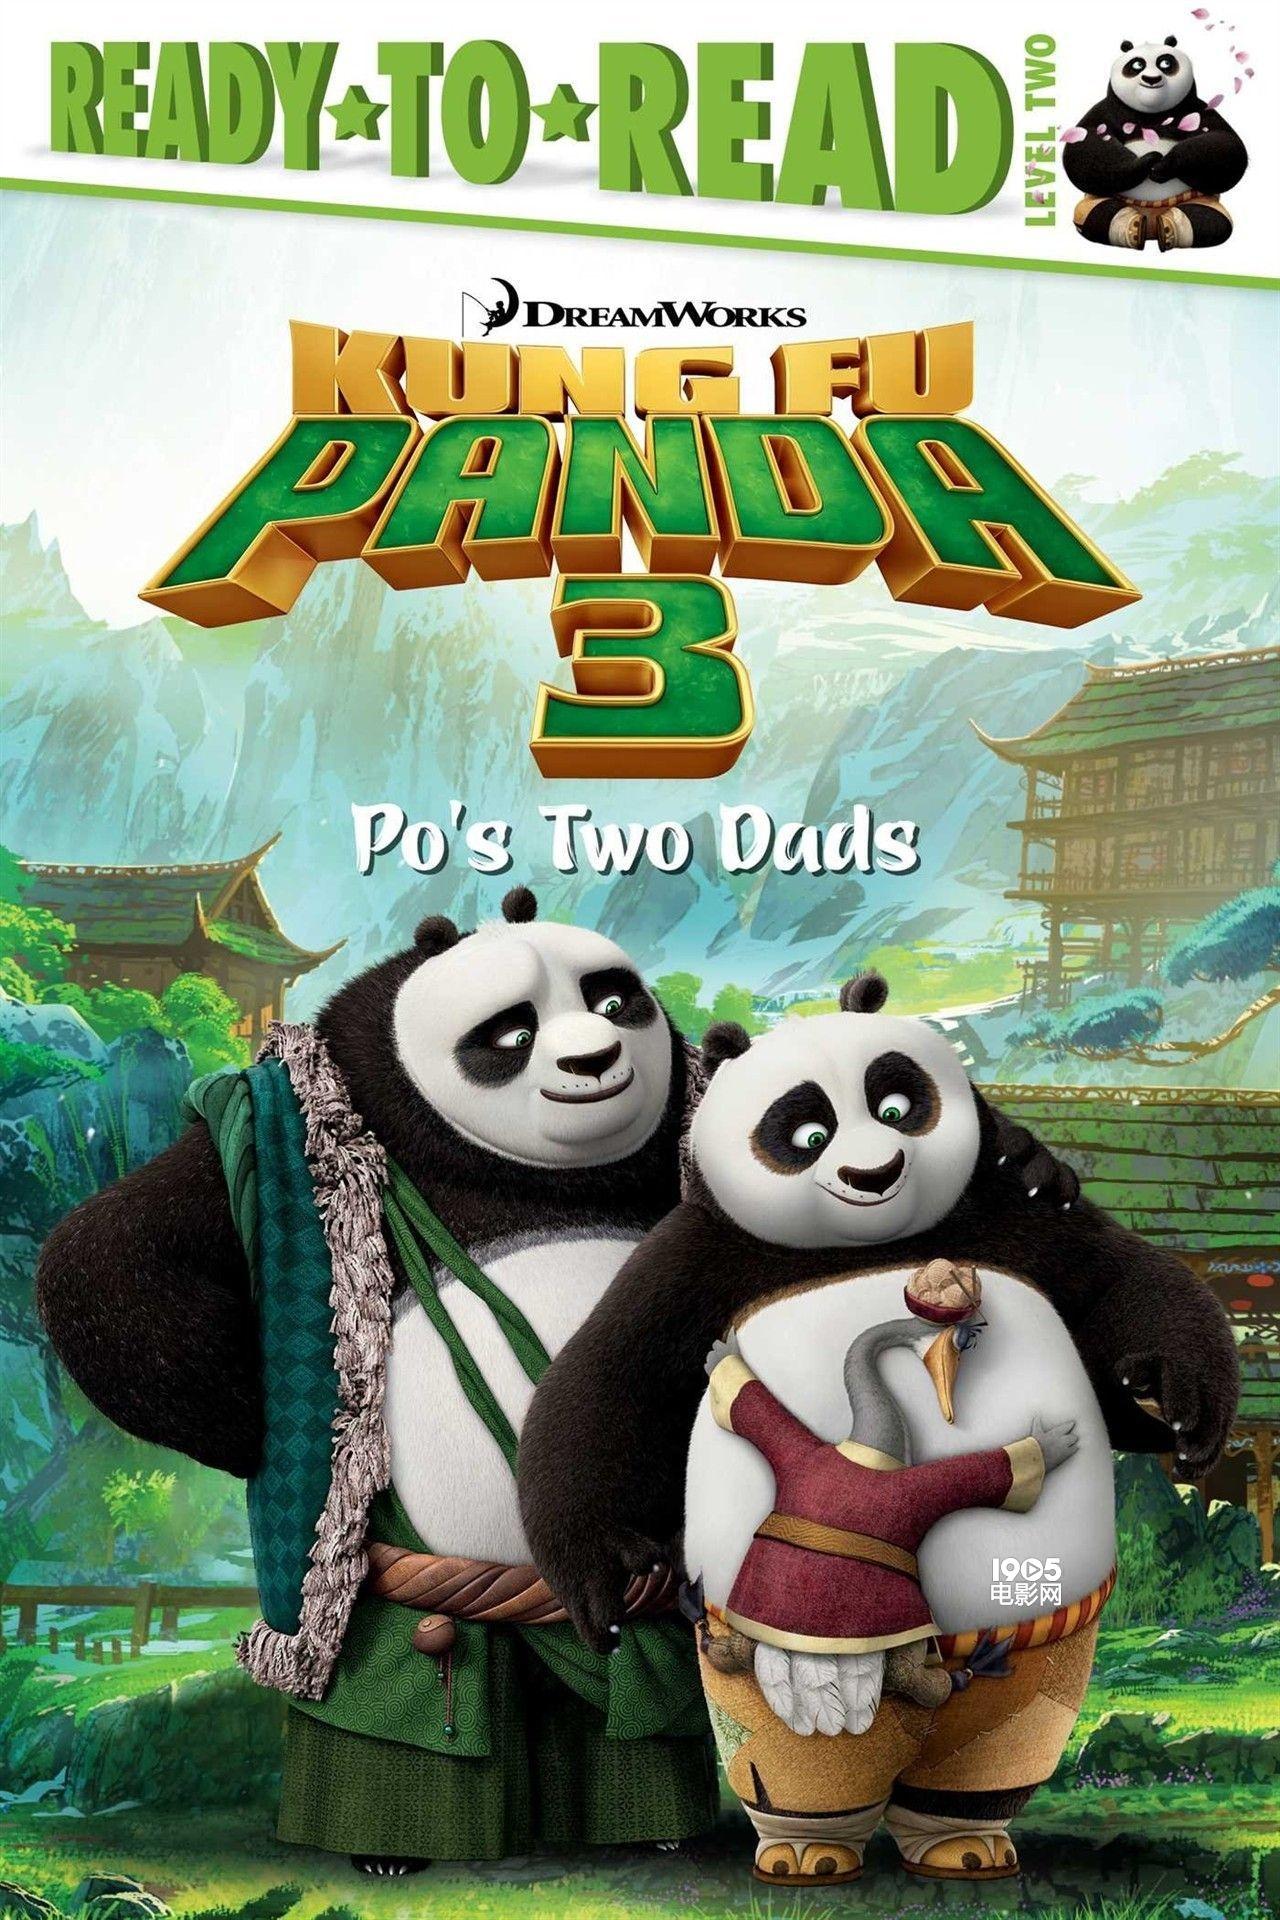 功夫熊猫阿宝中文配音演员黄磊与灵蛇中文配音演员朱珠一同来到现场